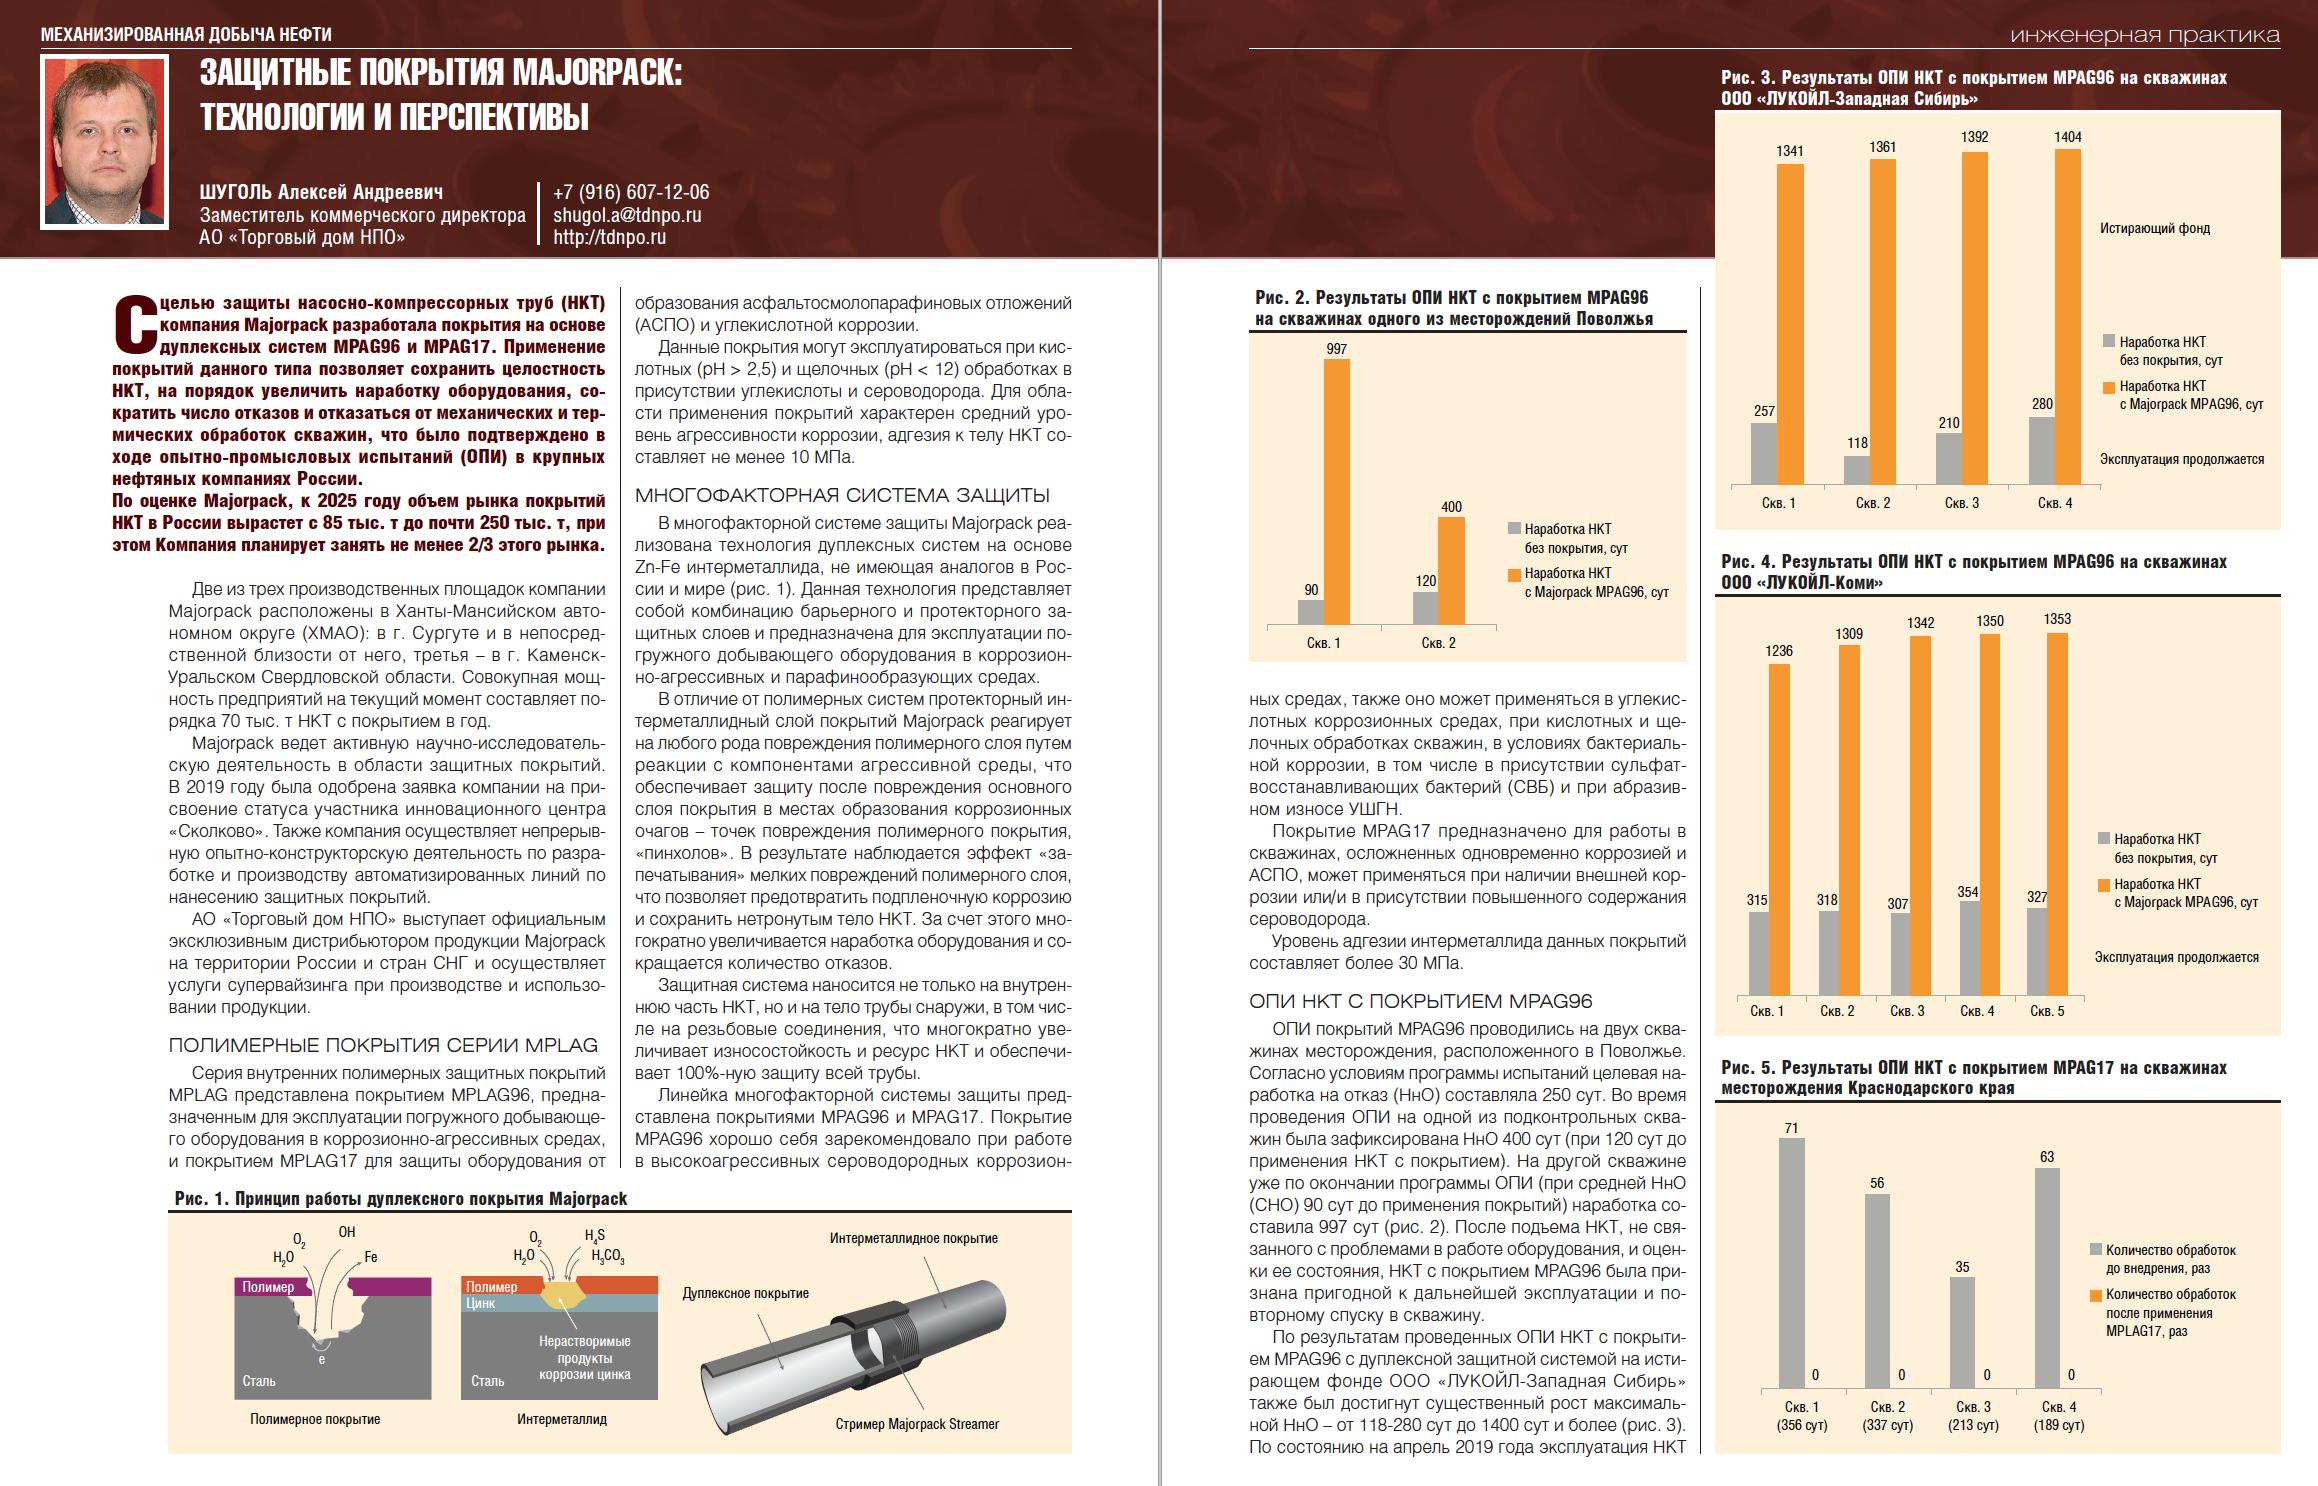 30236 Защитные покрытия Majorpack: технологии и перспективы